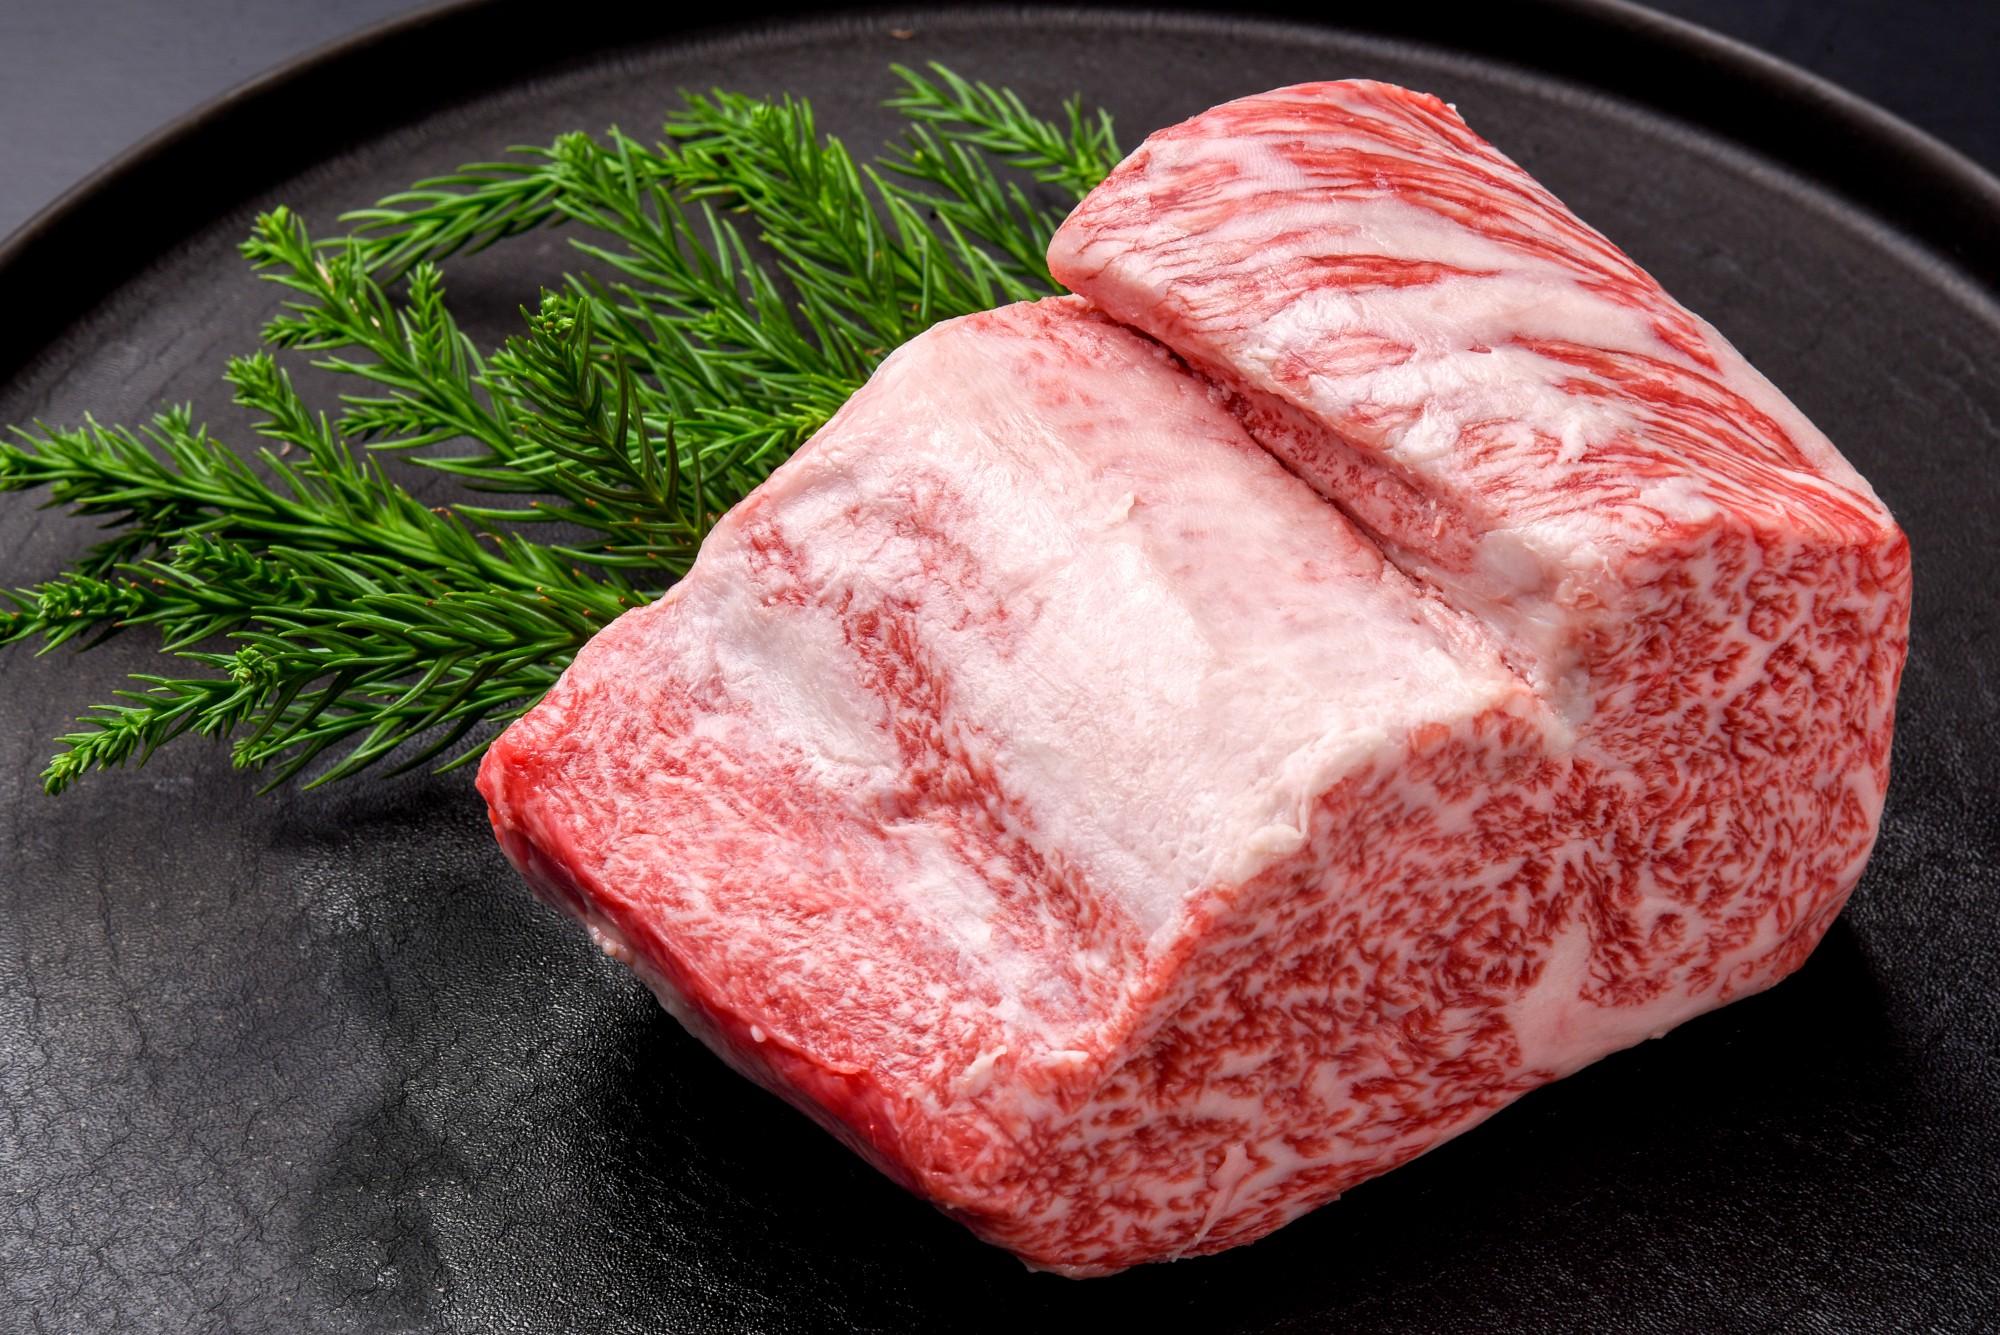 洋食のマナー 肉料理の食べ方【ステーキ ...